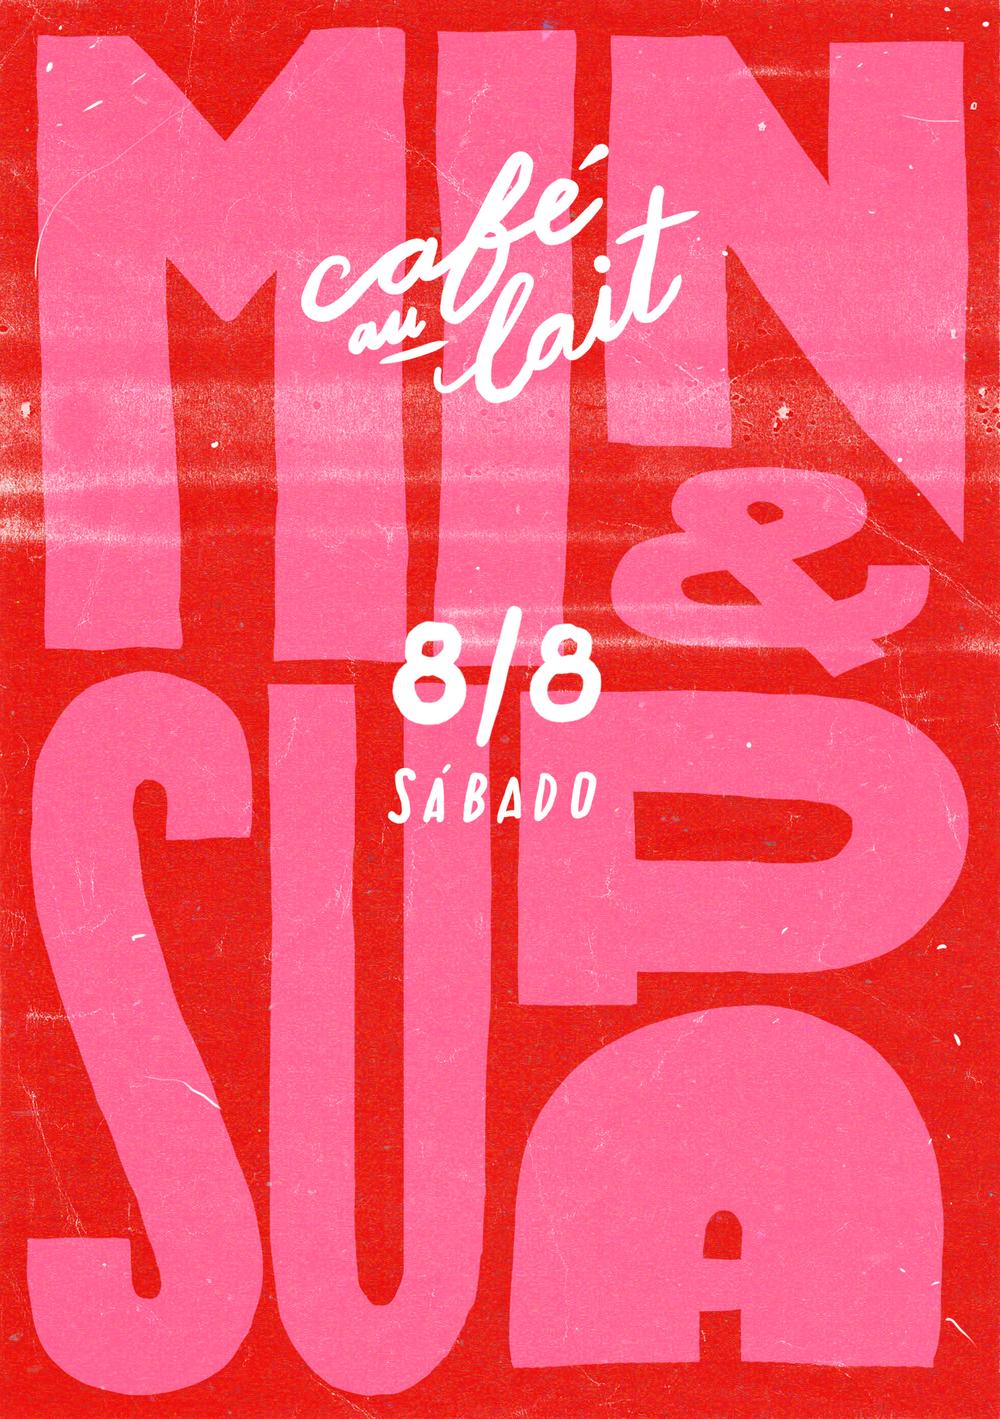 Rita Goulao Freelance Wisdom Graphic Design Posters Graphic Design Typography Graphic Design Branding